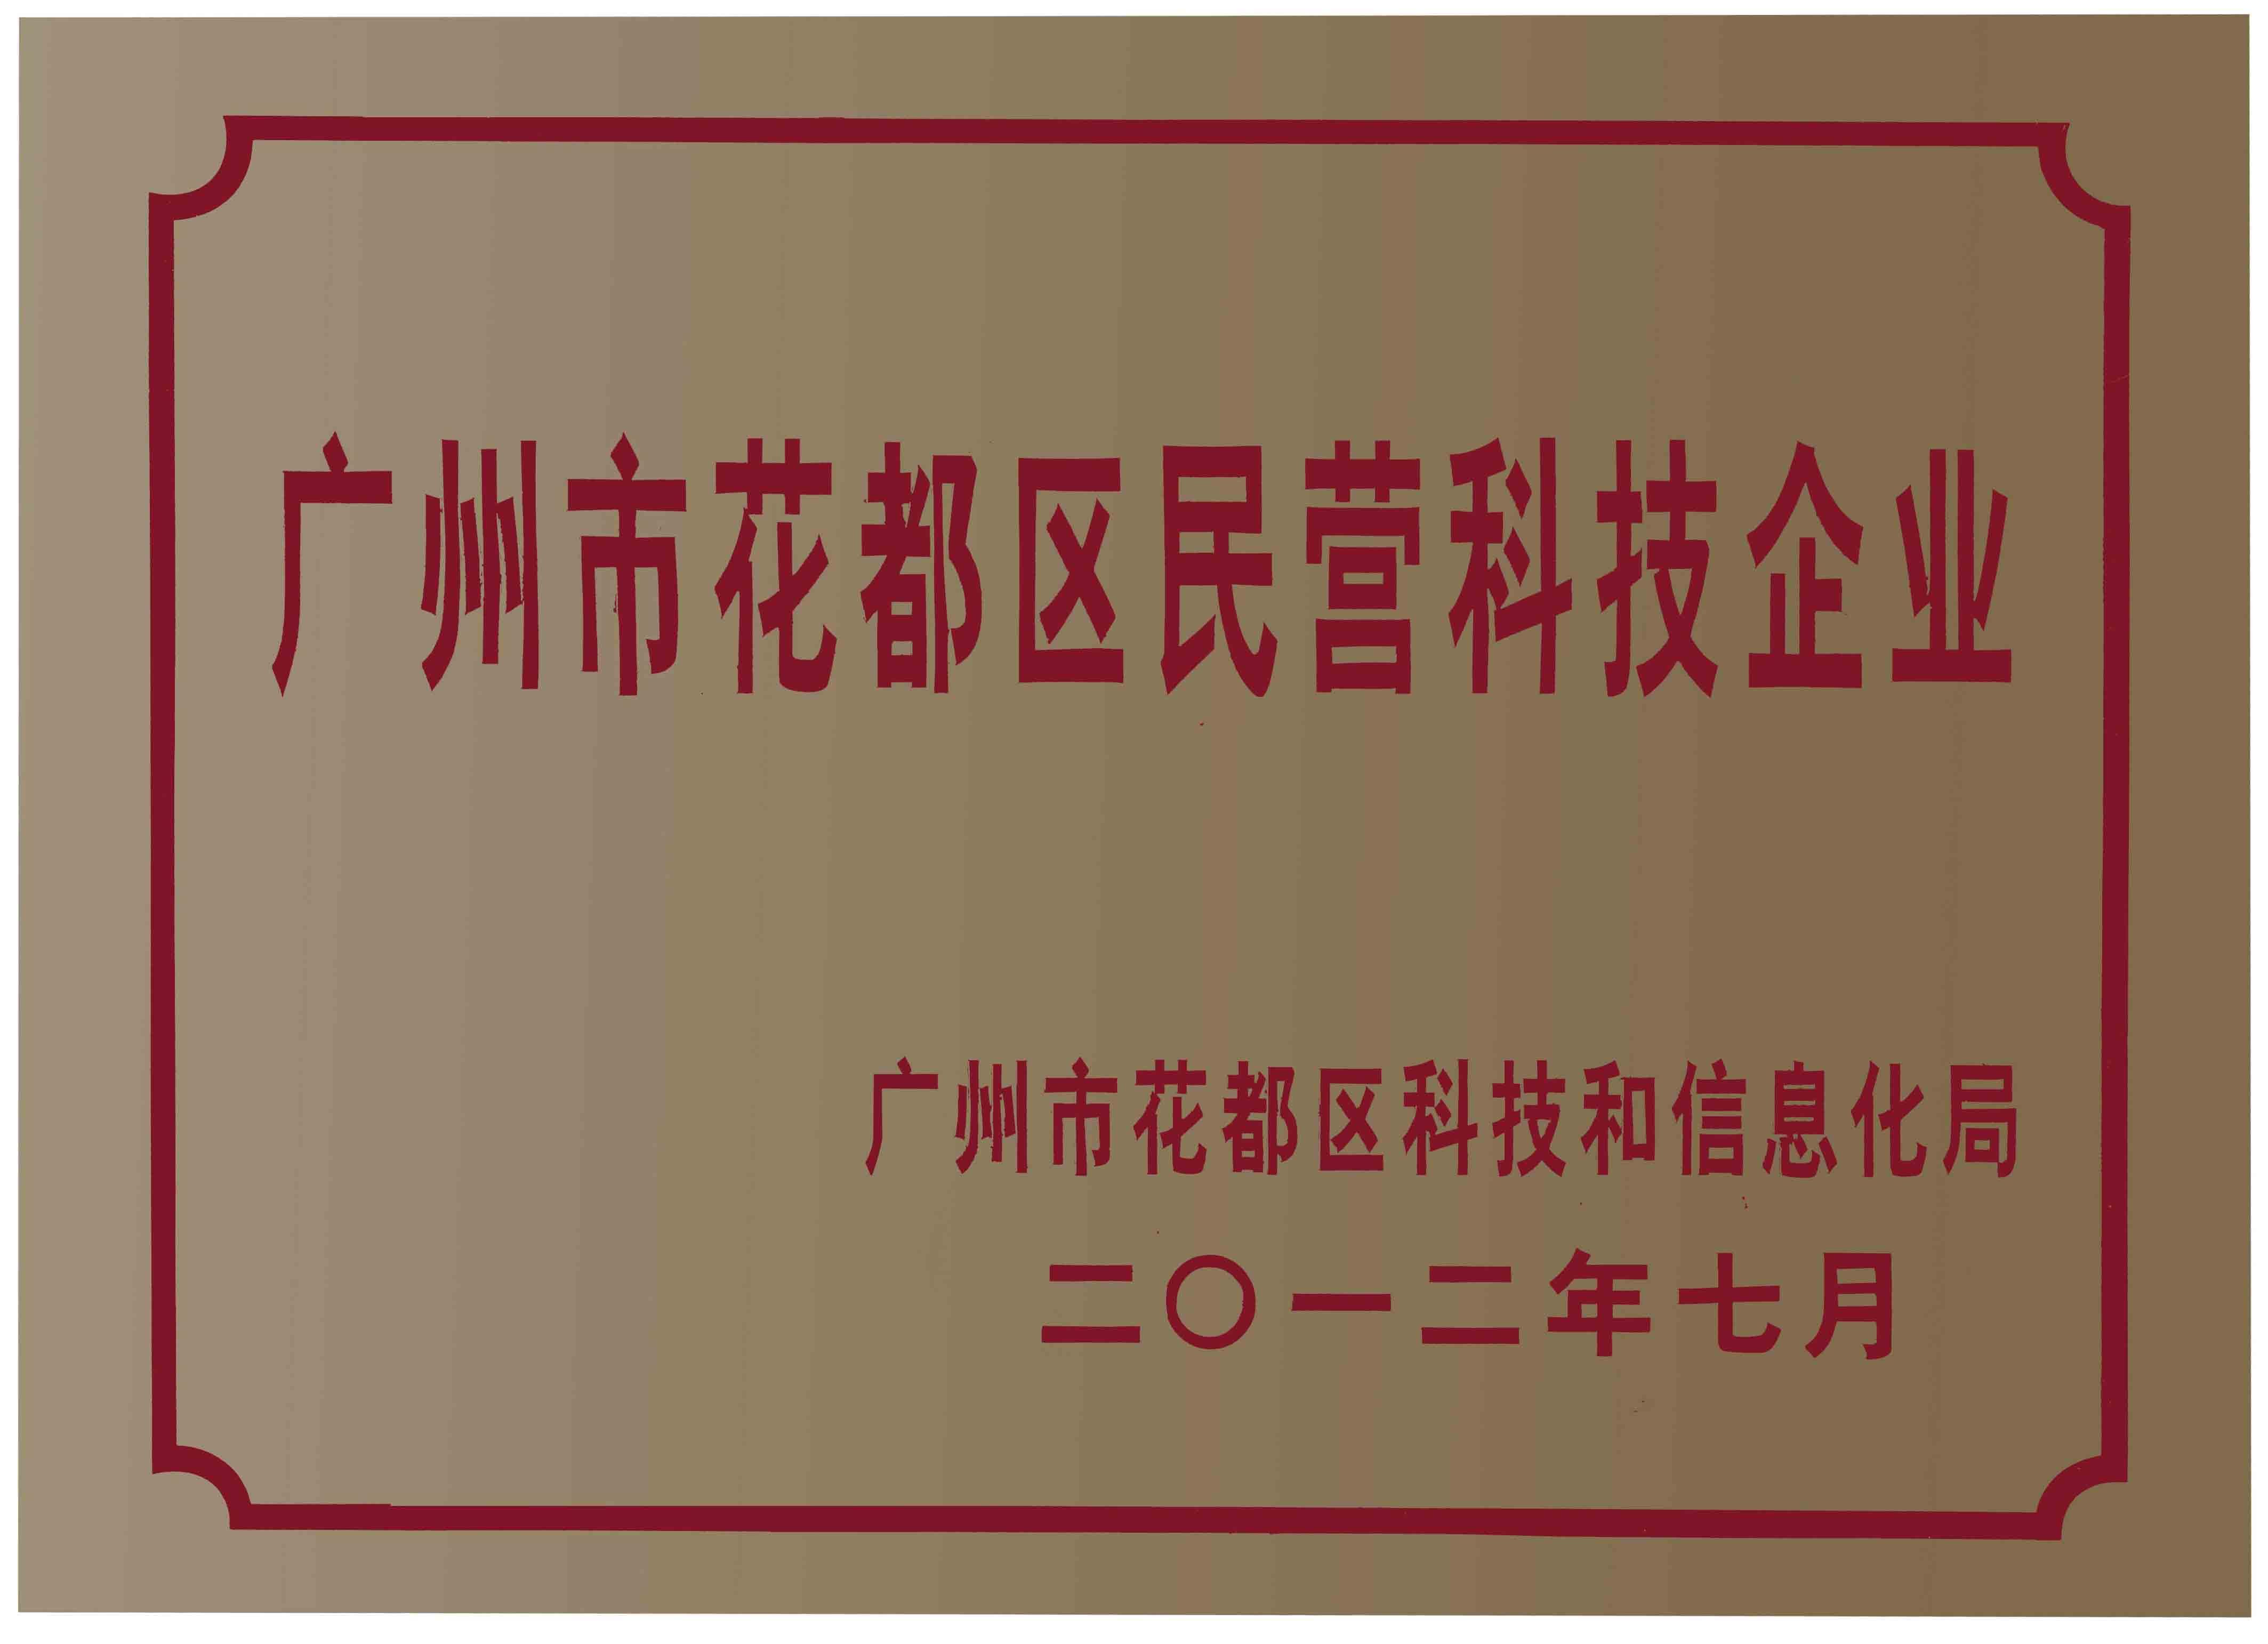 廣州市花都區民營科技企業